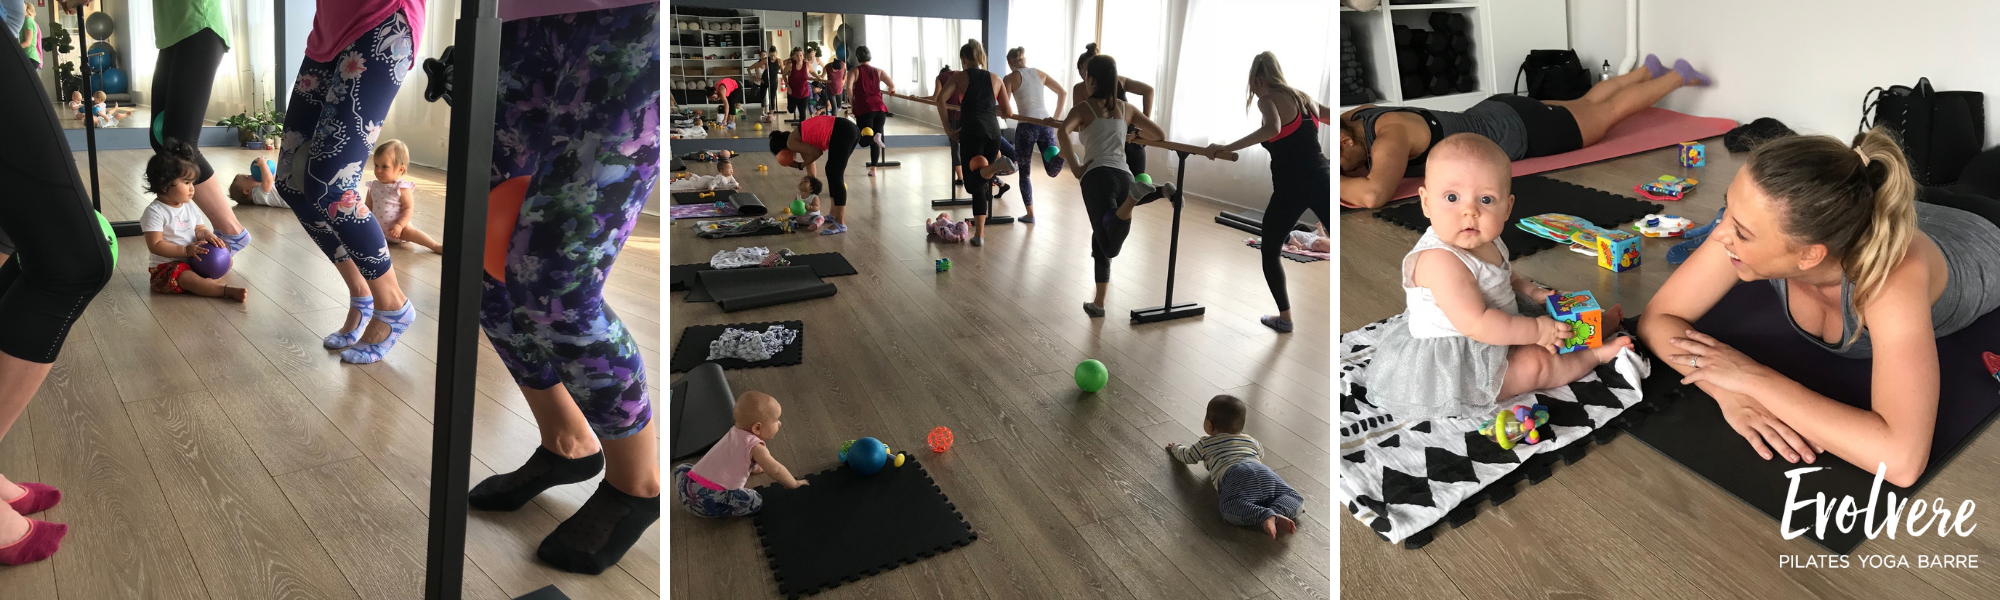 Postnatal exercise in Lane Cove at Evolvere